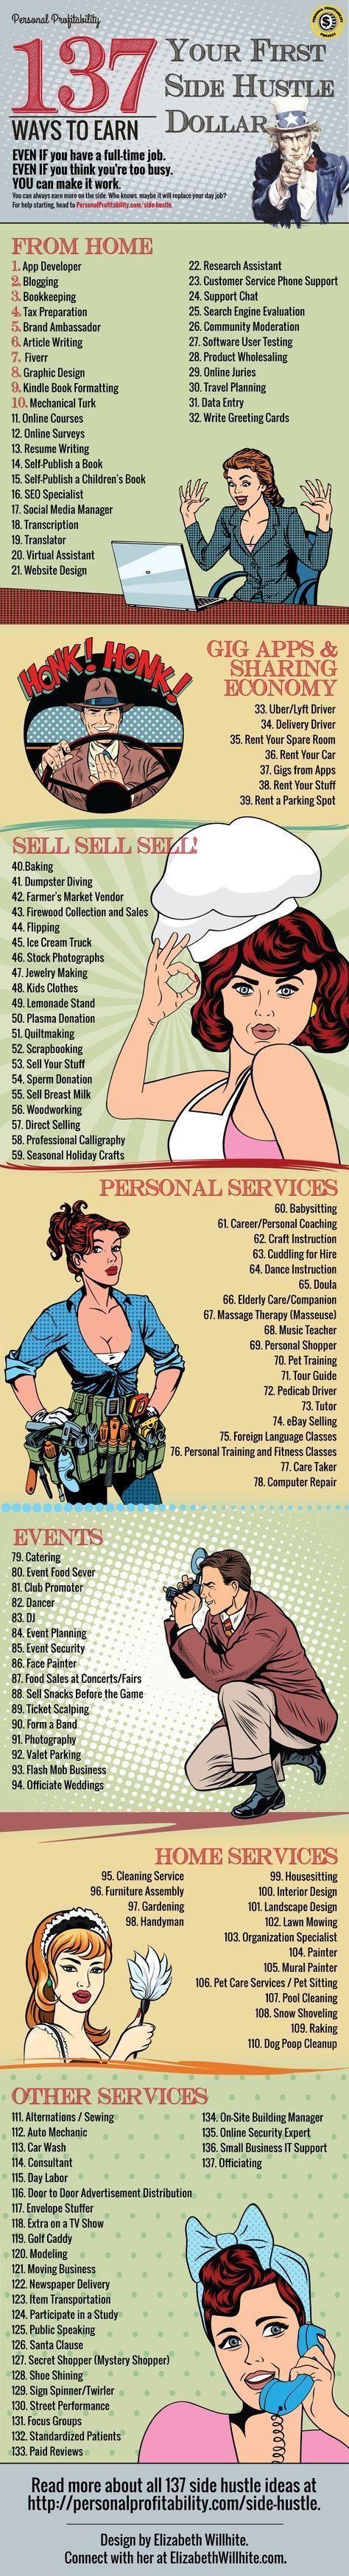 137 Möglichkeiten, Ihre erste Nebenbeschäftigung in Dollar zu verdienen …